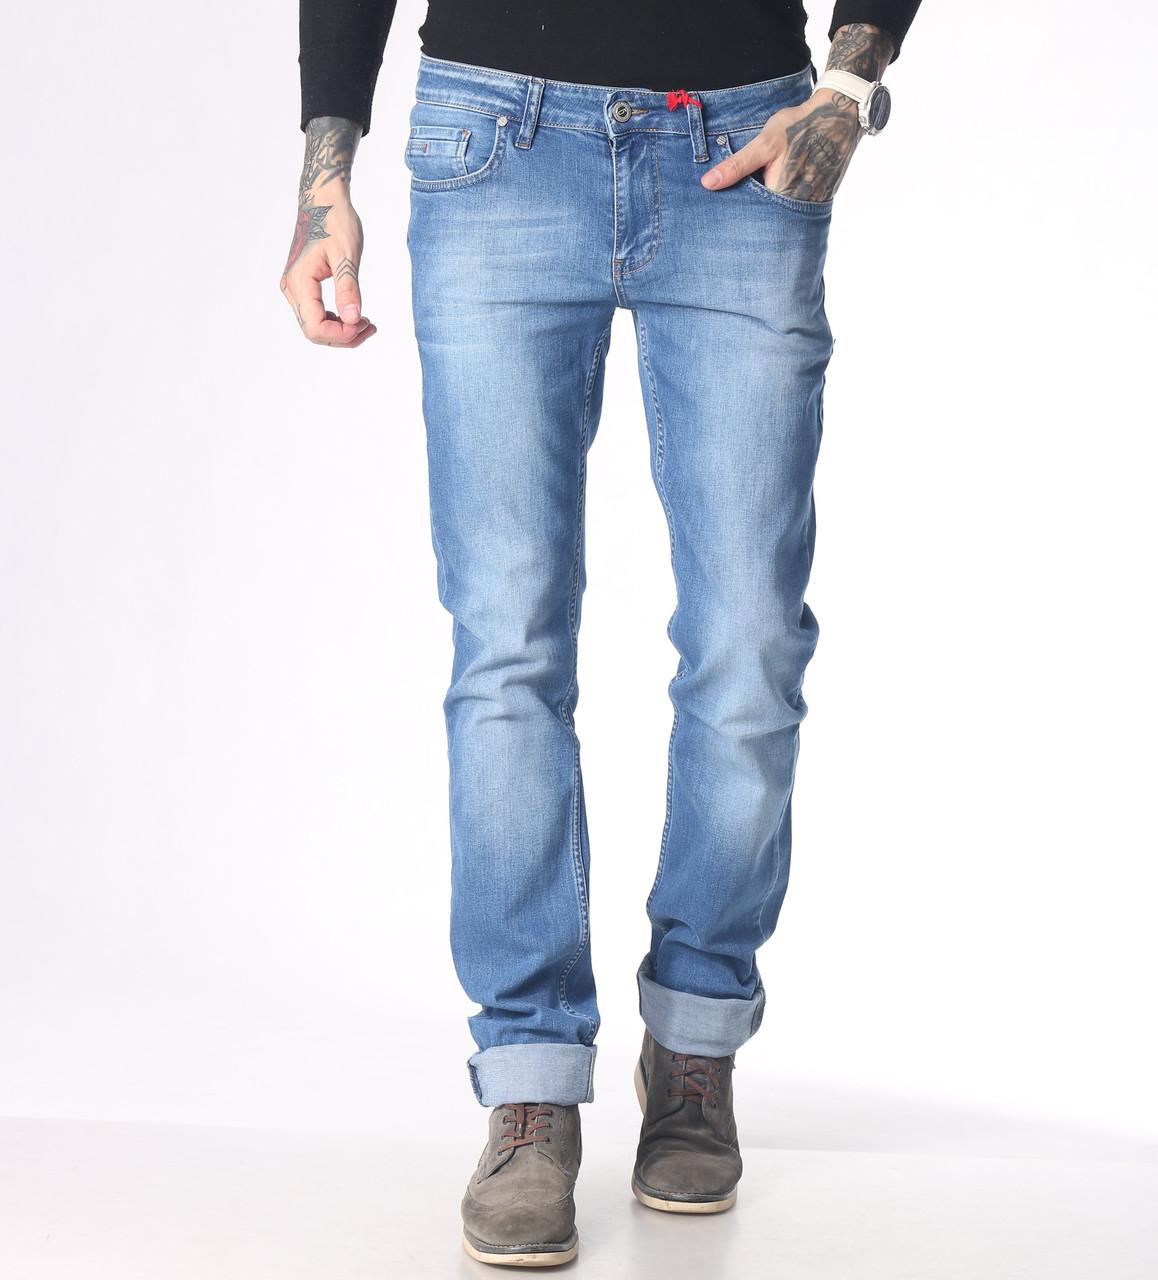 6df600ba250 Купить мужские джинсы 38 рост в Одессе недорого